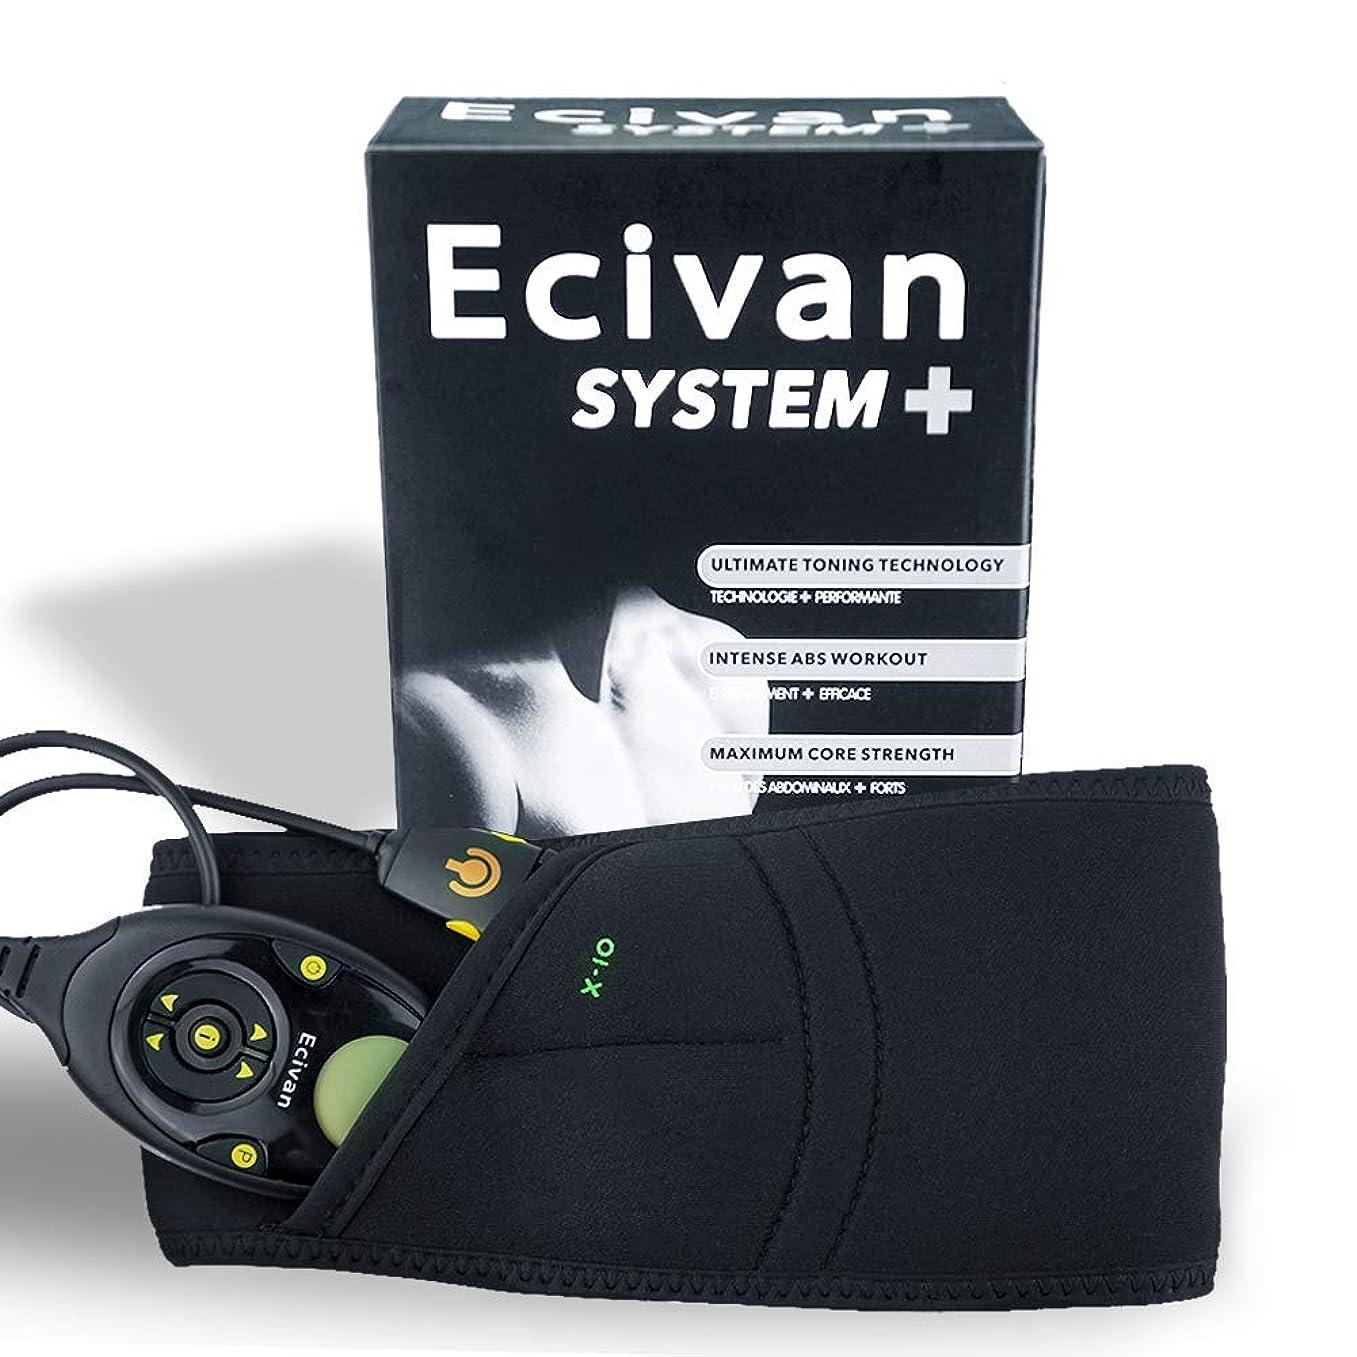 サロンカスタム桁Ecivan EMS 腹筋ベルトボディフィットスリム トレーニング 電気振動マッサージ 痩身マシン 電動器具腹巻き USB充電 150階段